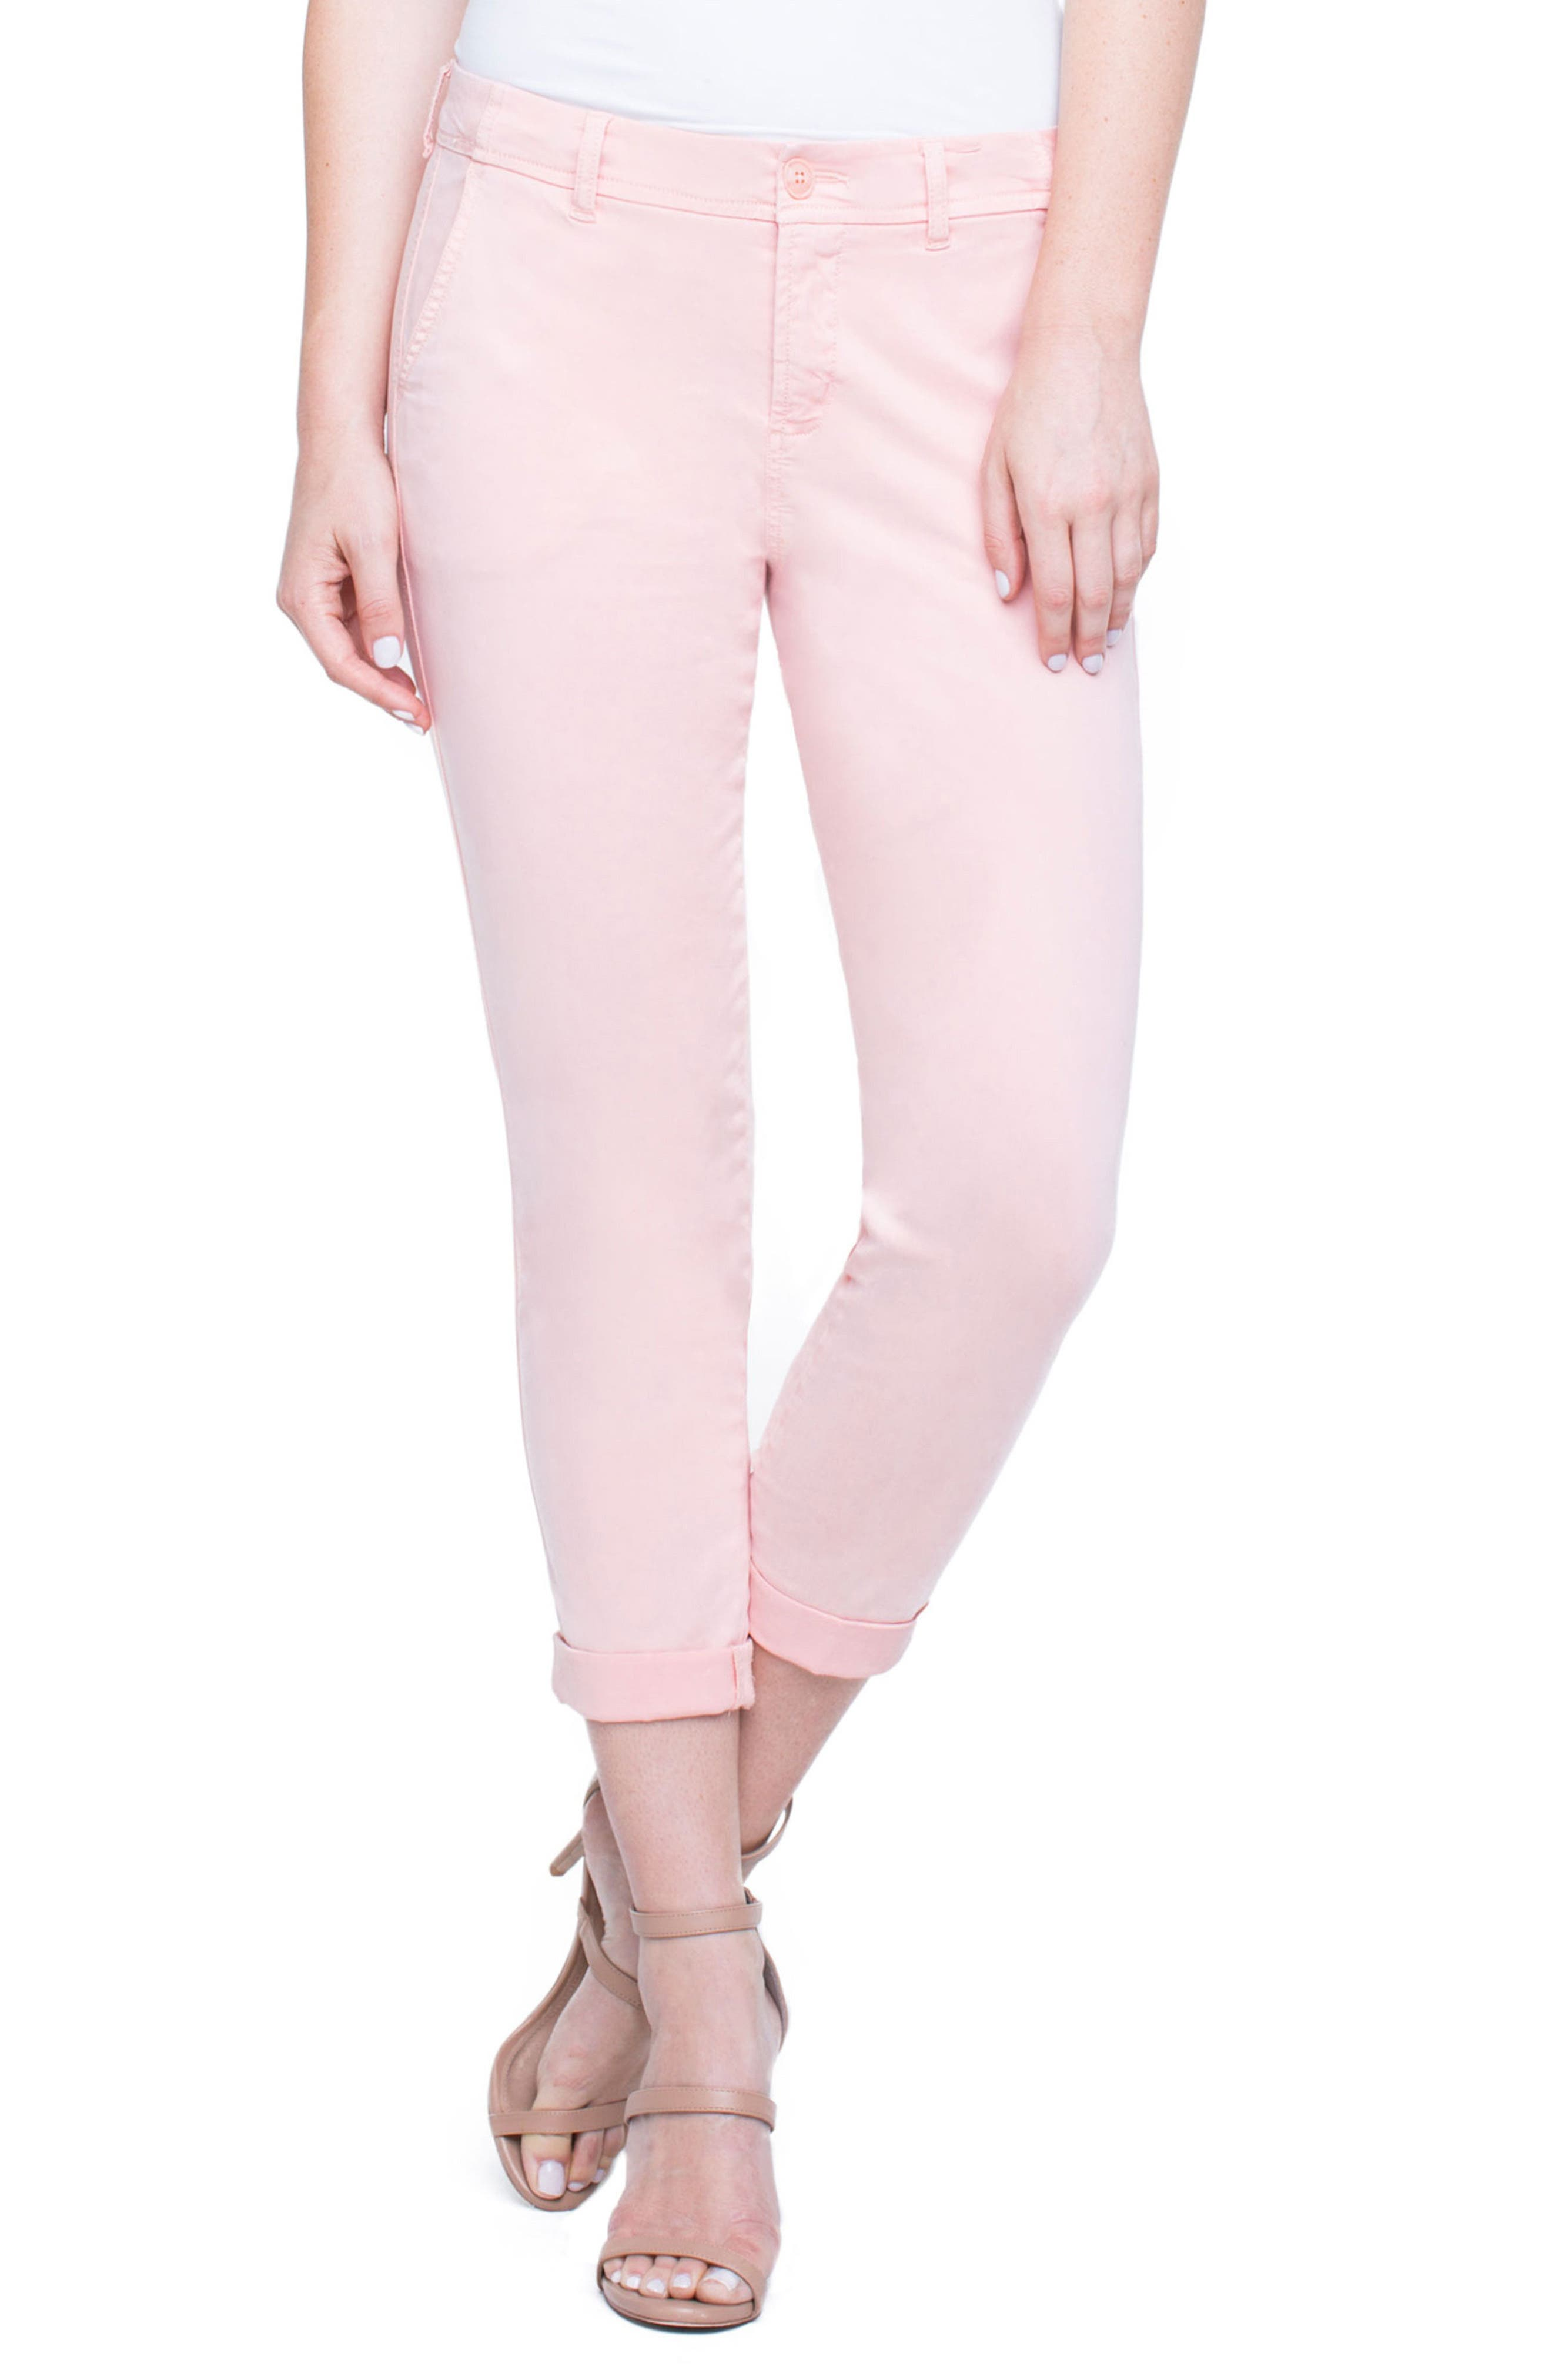 Buddy Pants,                             Main thumbnail 1, color,                             Bombay Pink